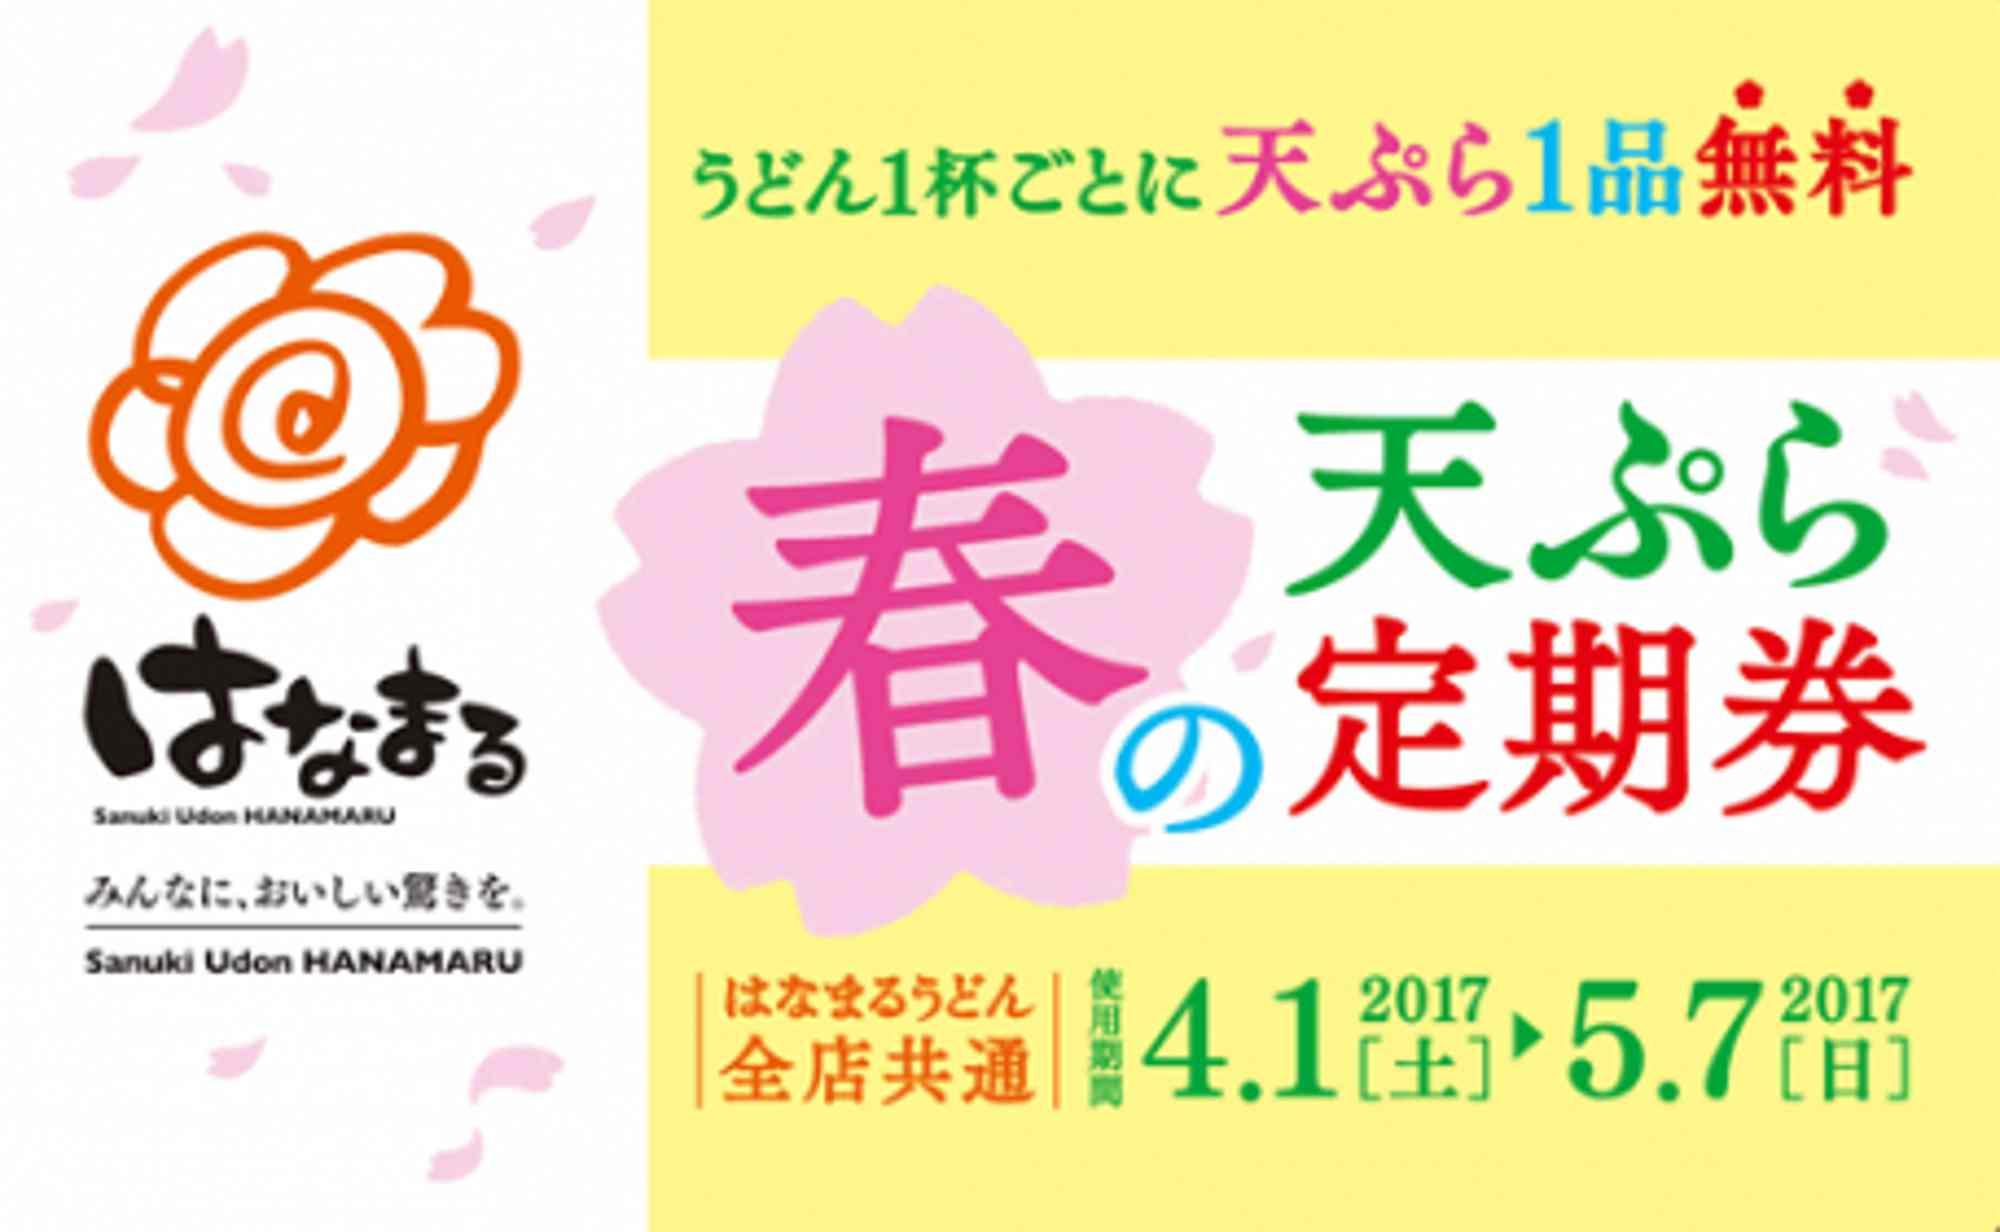 2017年春、はなまるが今年も『天ぷら定期券』発売!!(#^^#)